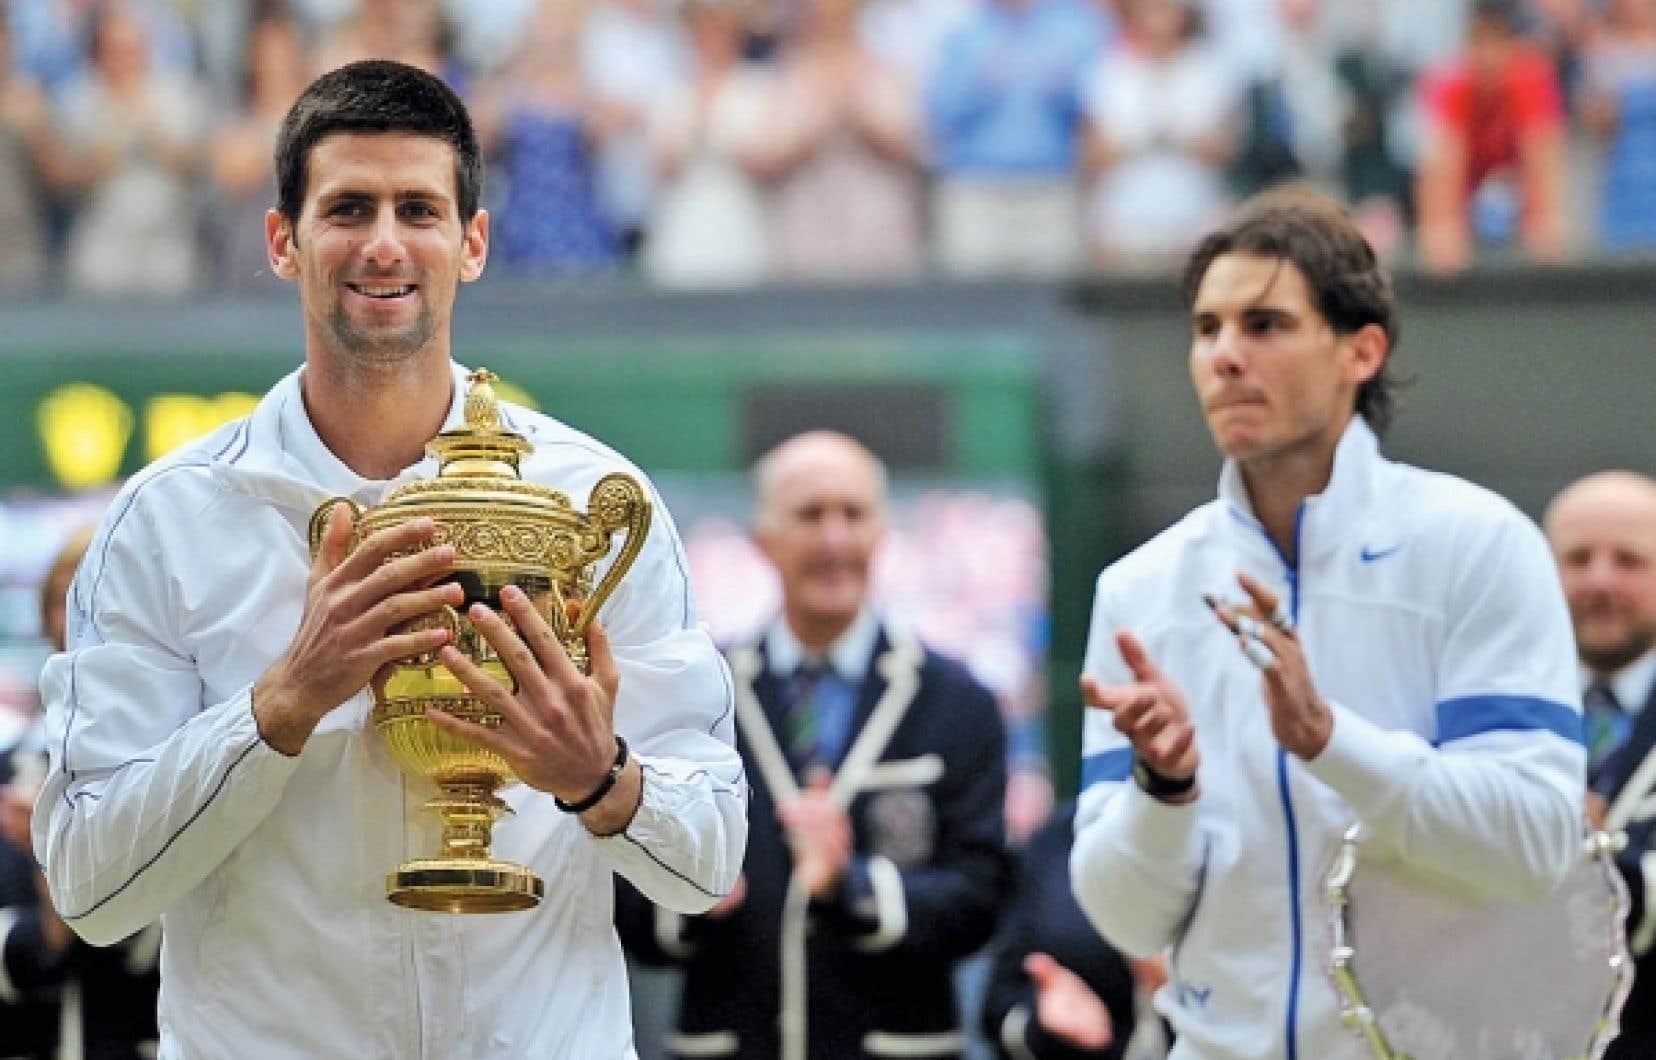 Novak Djokovic a confirmé son nouveau statut de meilleur joueur du monde en remportant hier son premier tournoi de Wimbledon, écrasant Rafael Nadal en finale 6-4, 6-1, 1-6, 6-3.<br />